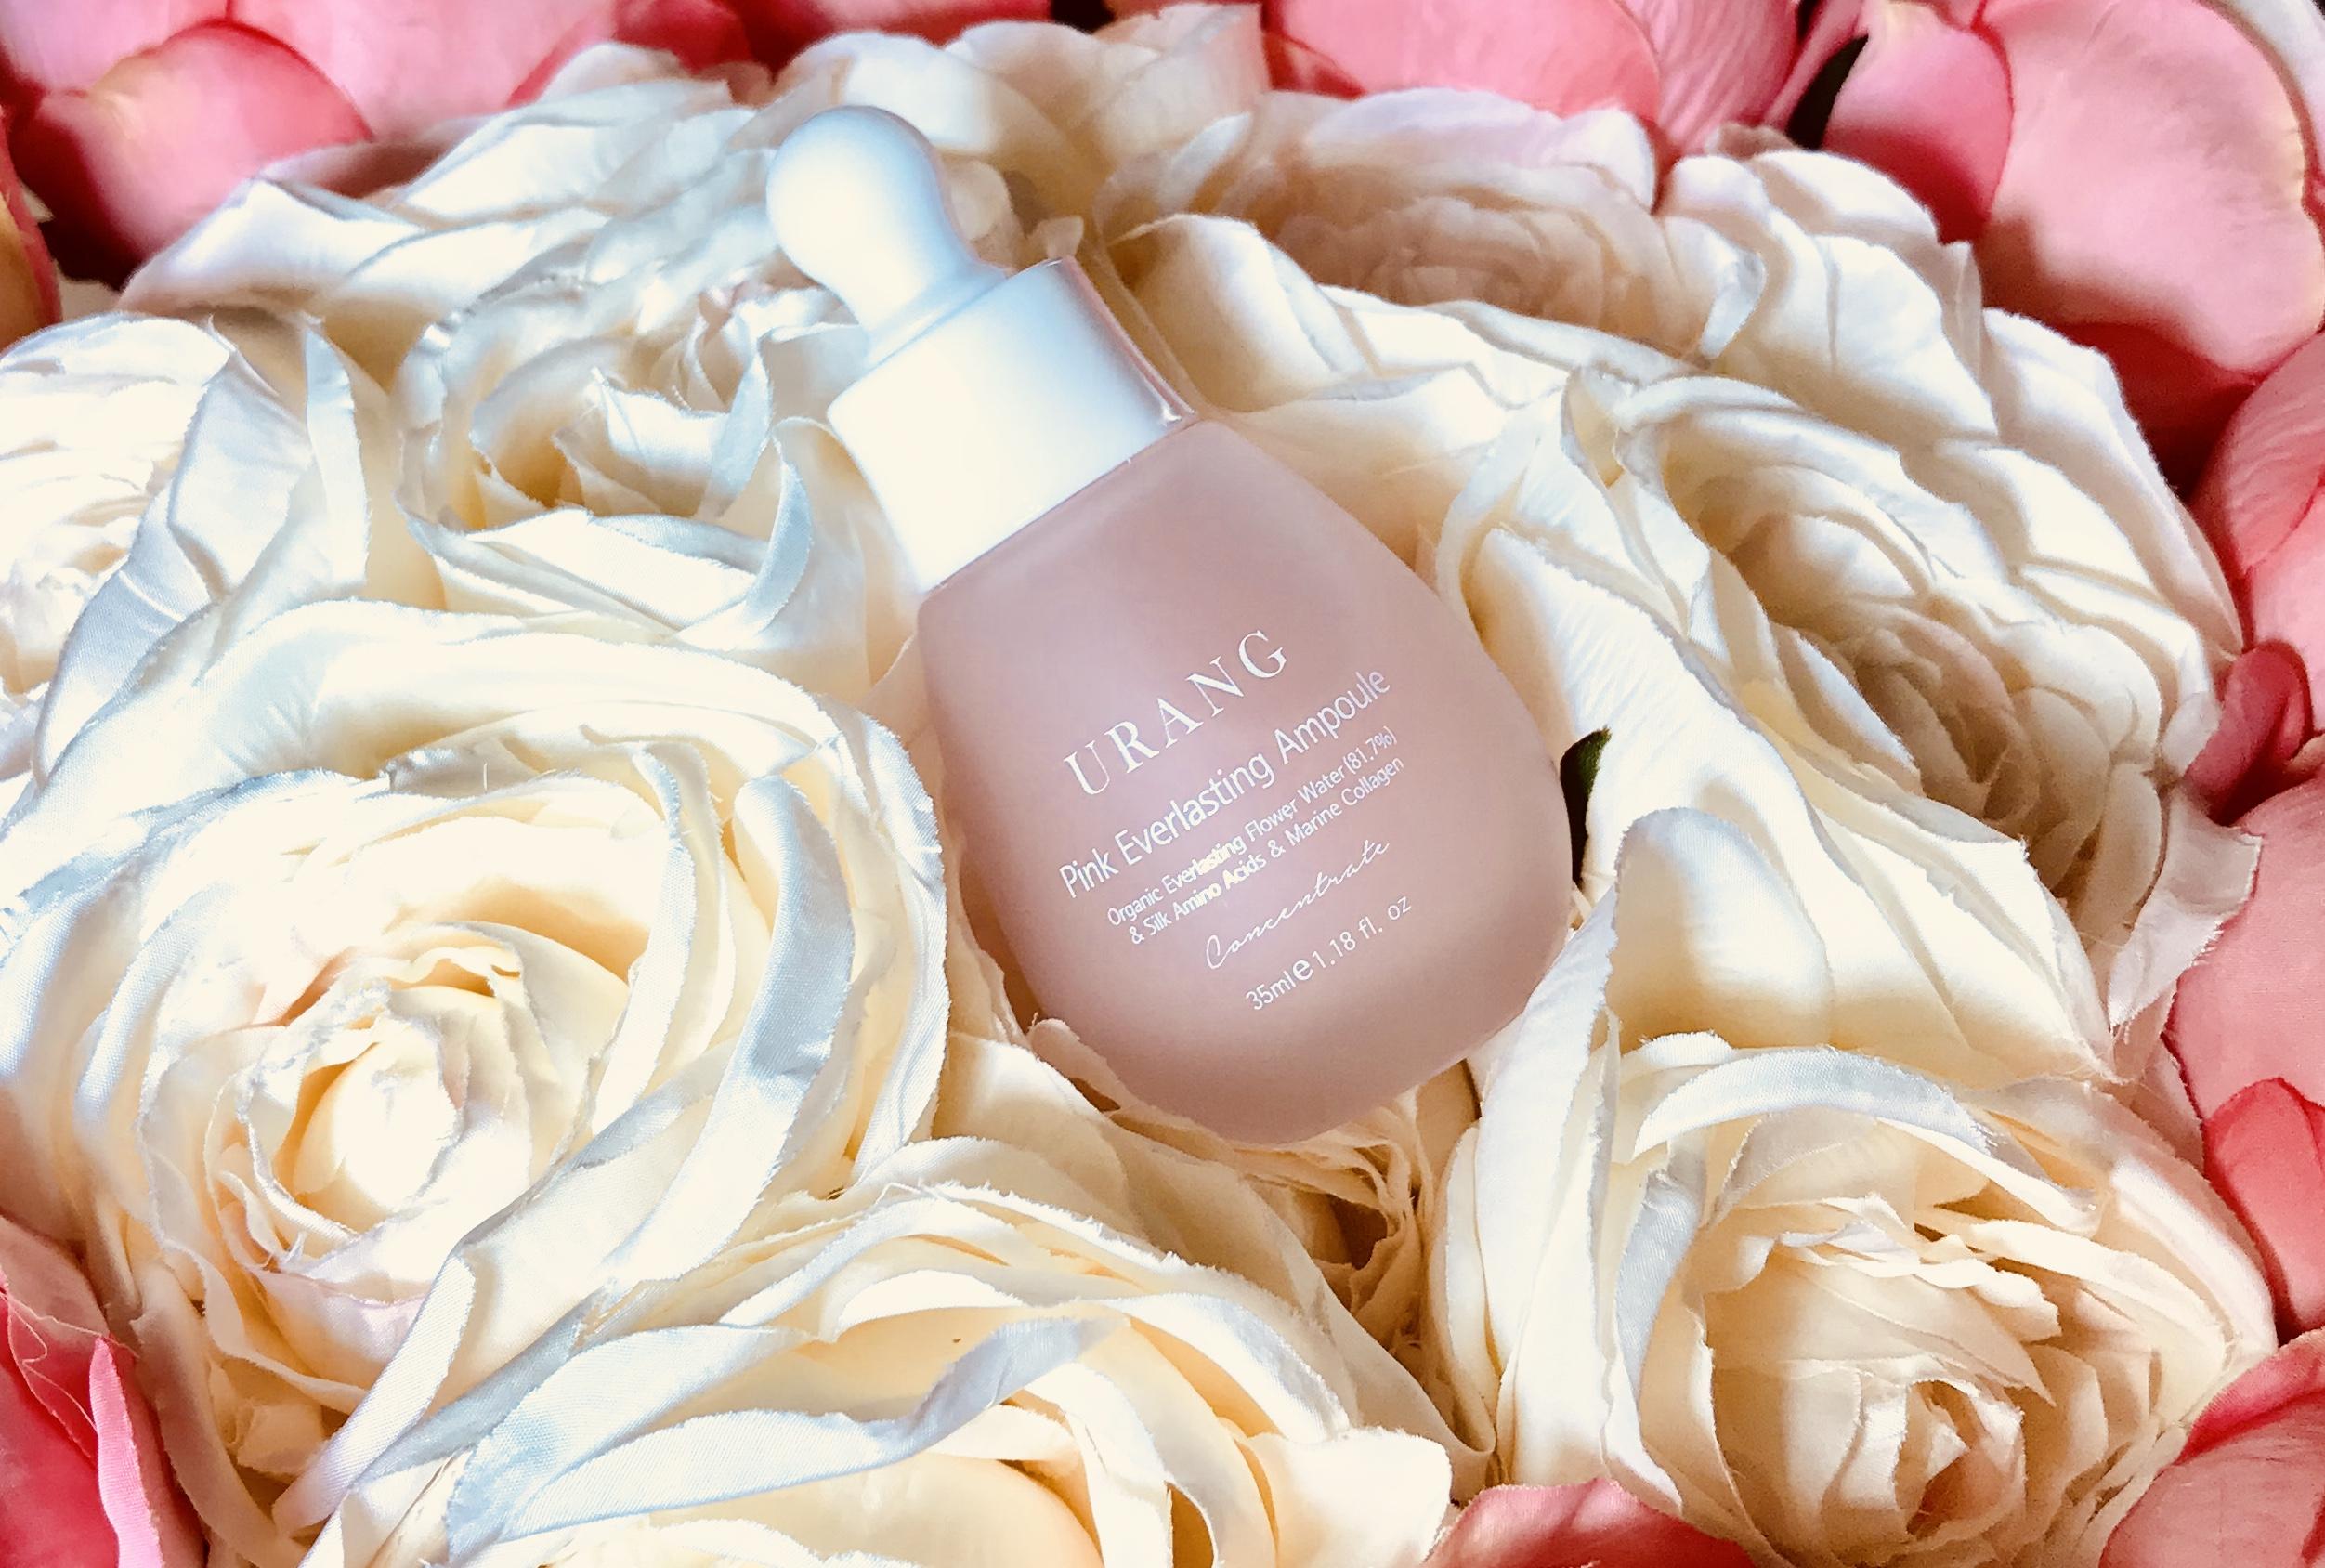 Korean skincare Urang Pink Everlasting Ampoule